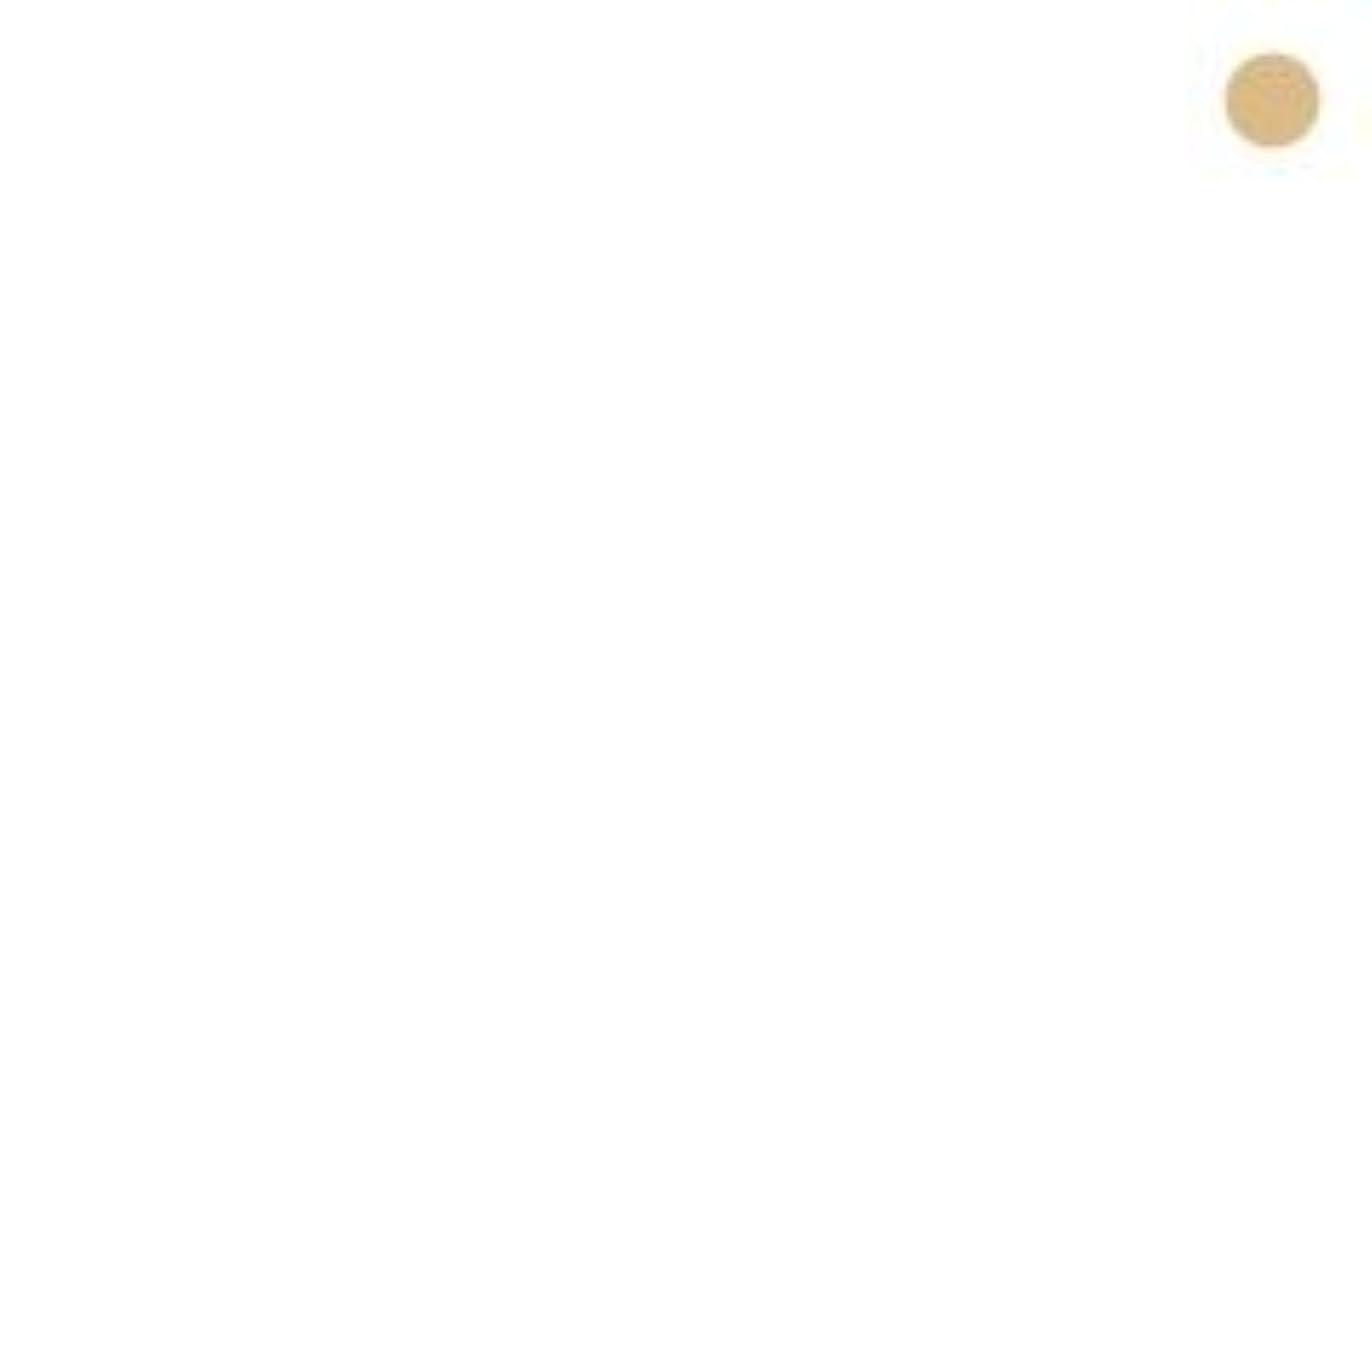 トランスミッション薬理学サンドイッチ【カバーマーク】ジャスミーカラー パウダリーファンデーション #YP30 (レフィル)